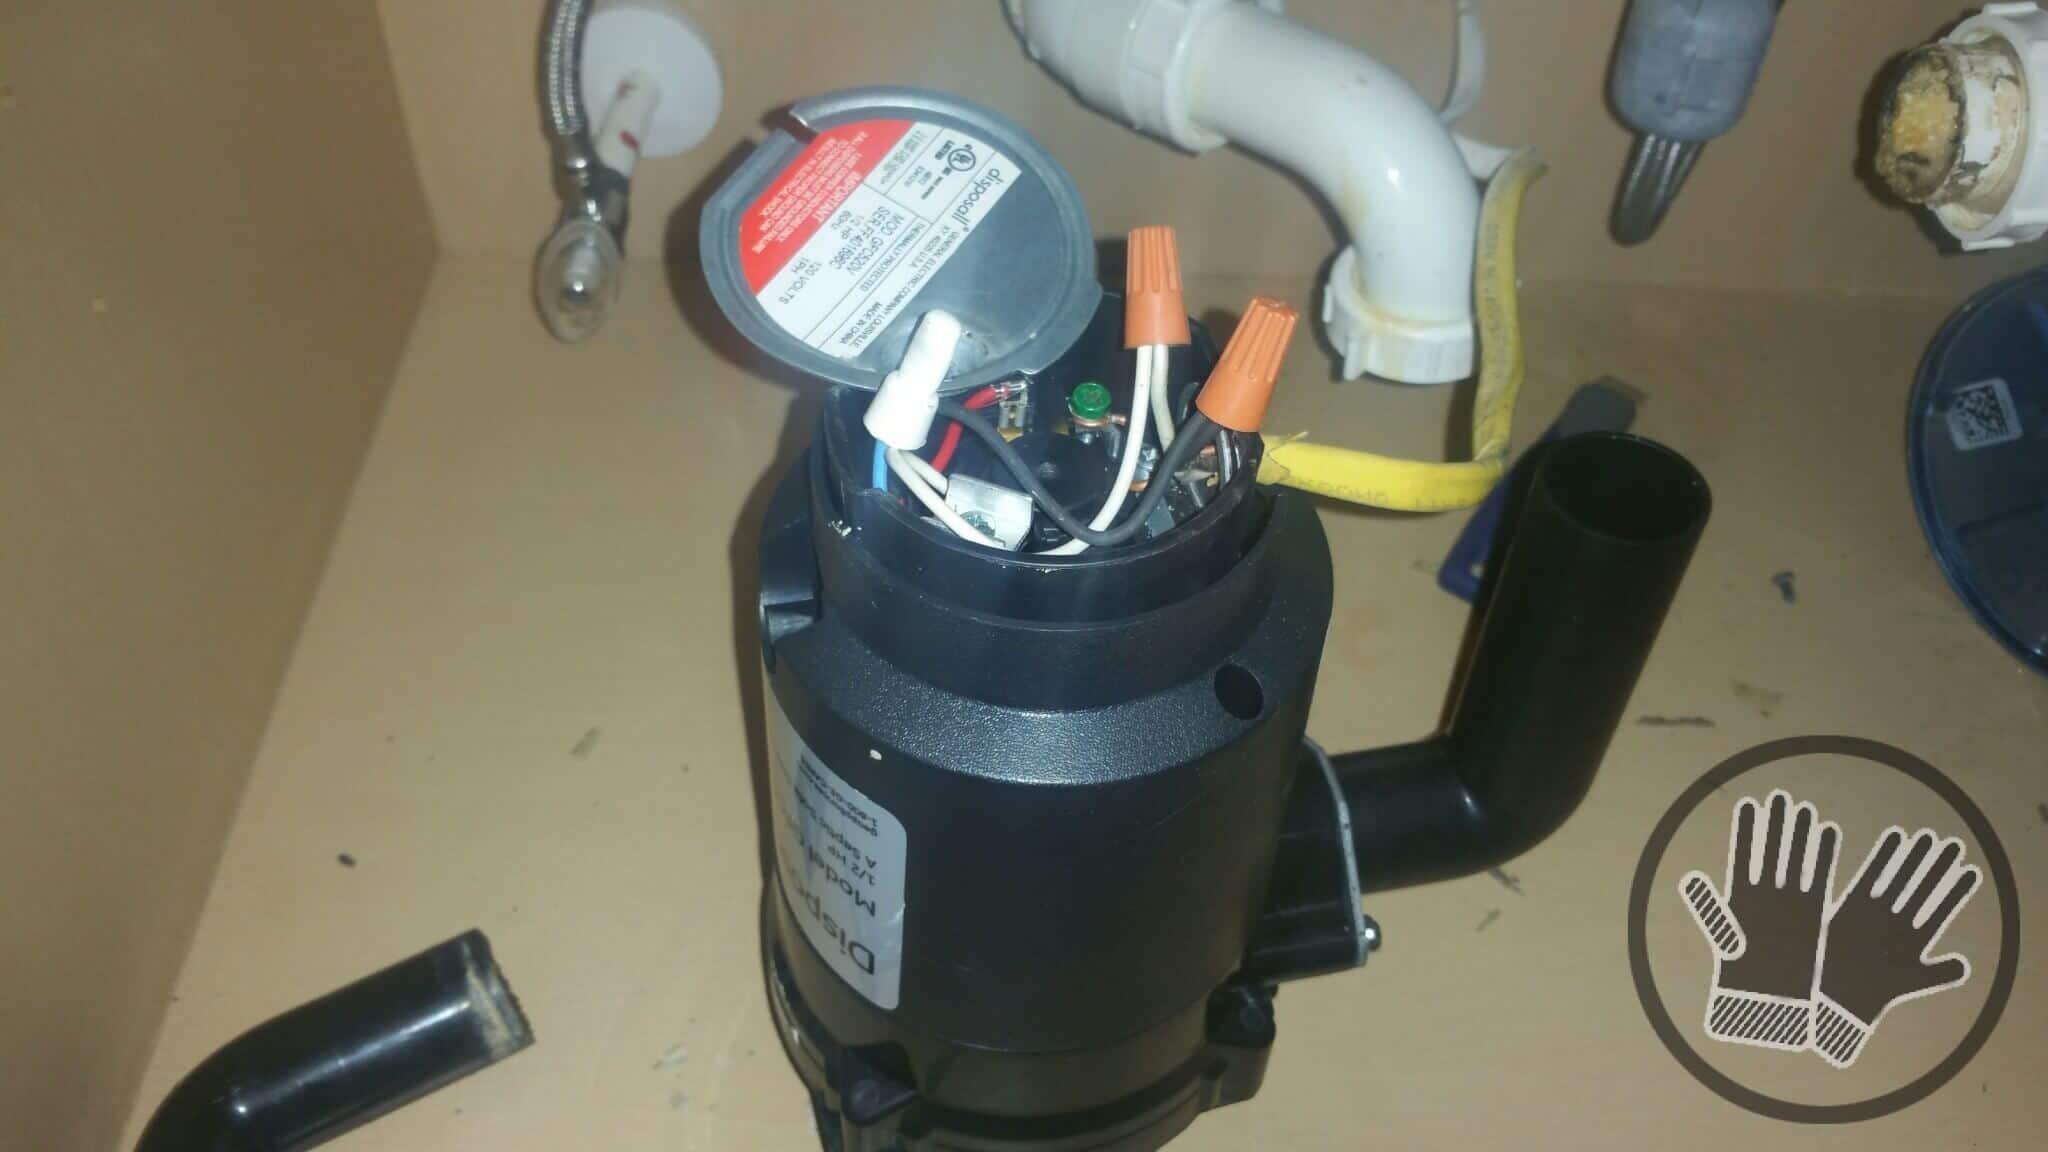 Wiring Diagram For Dishwasher And Garbage Disposal